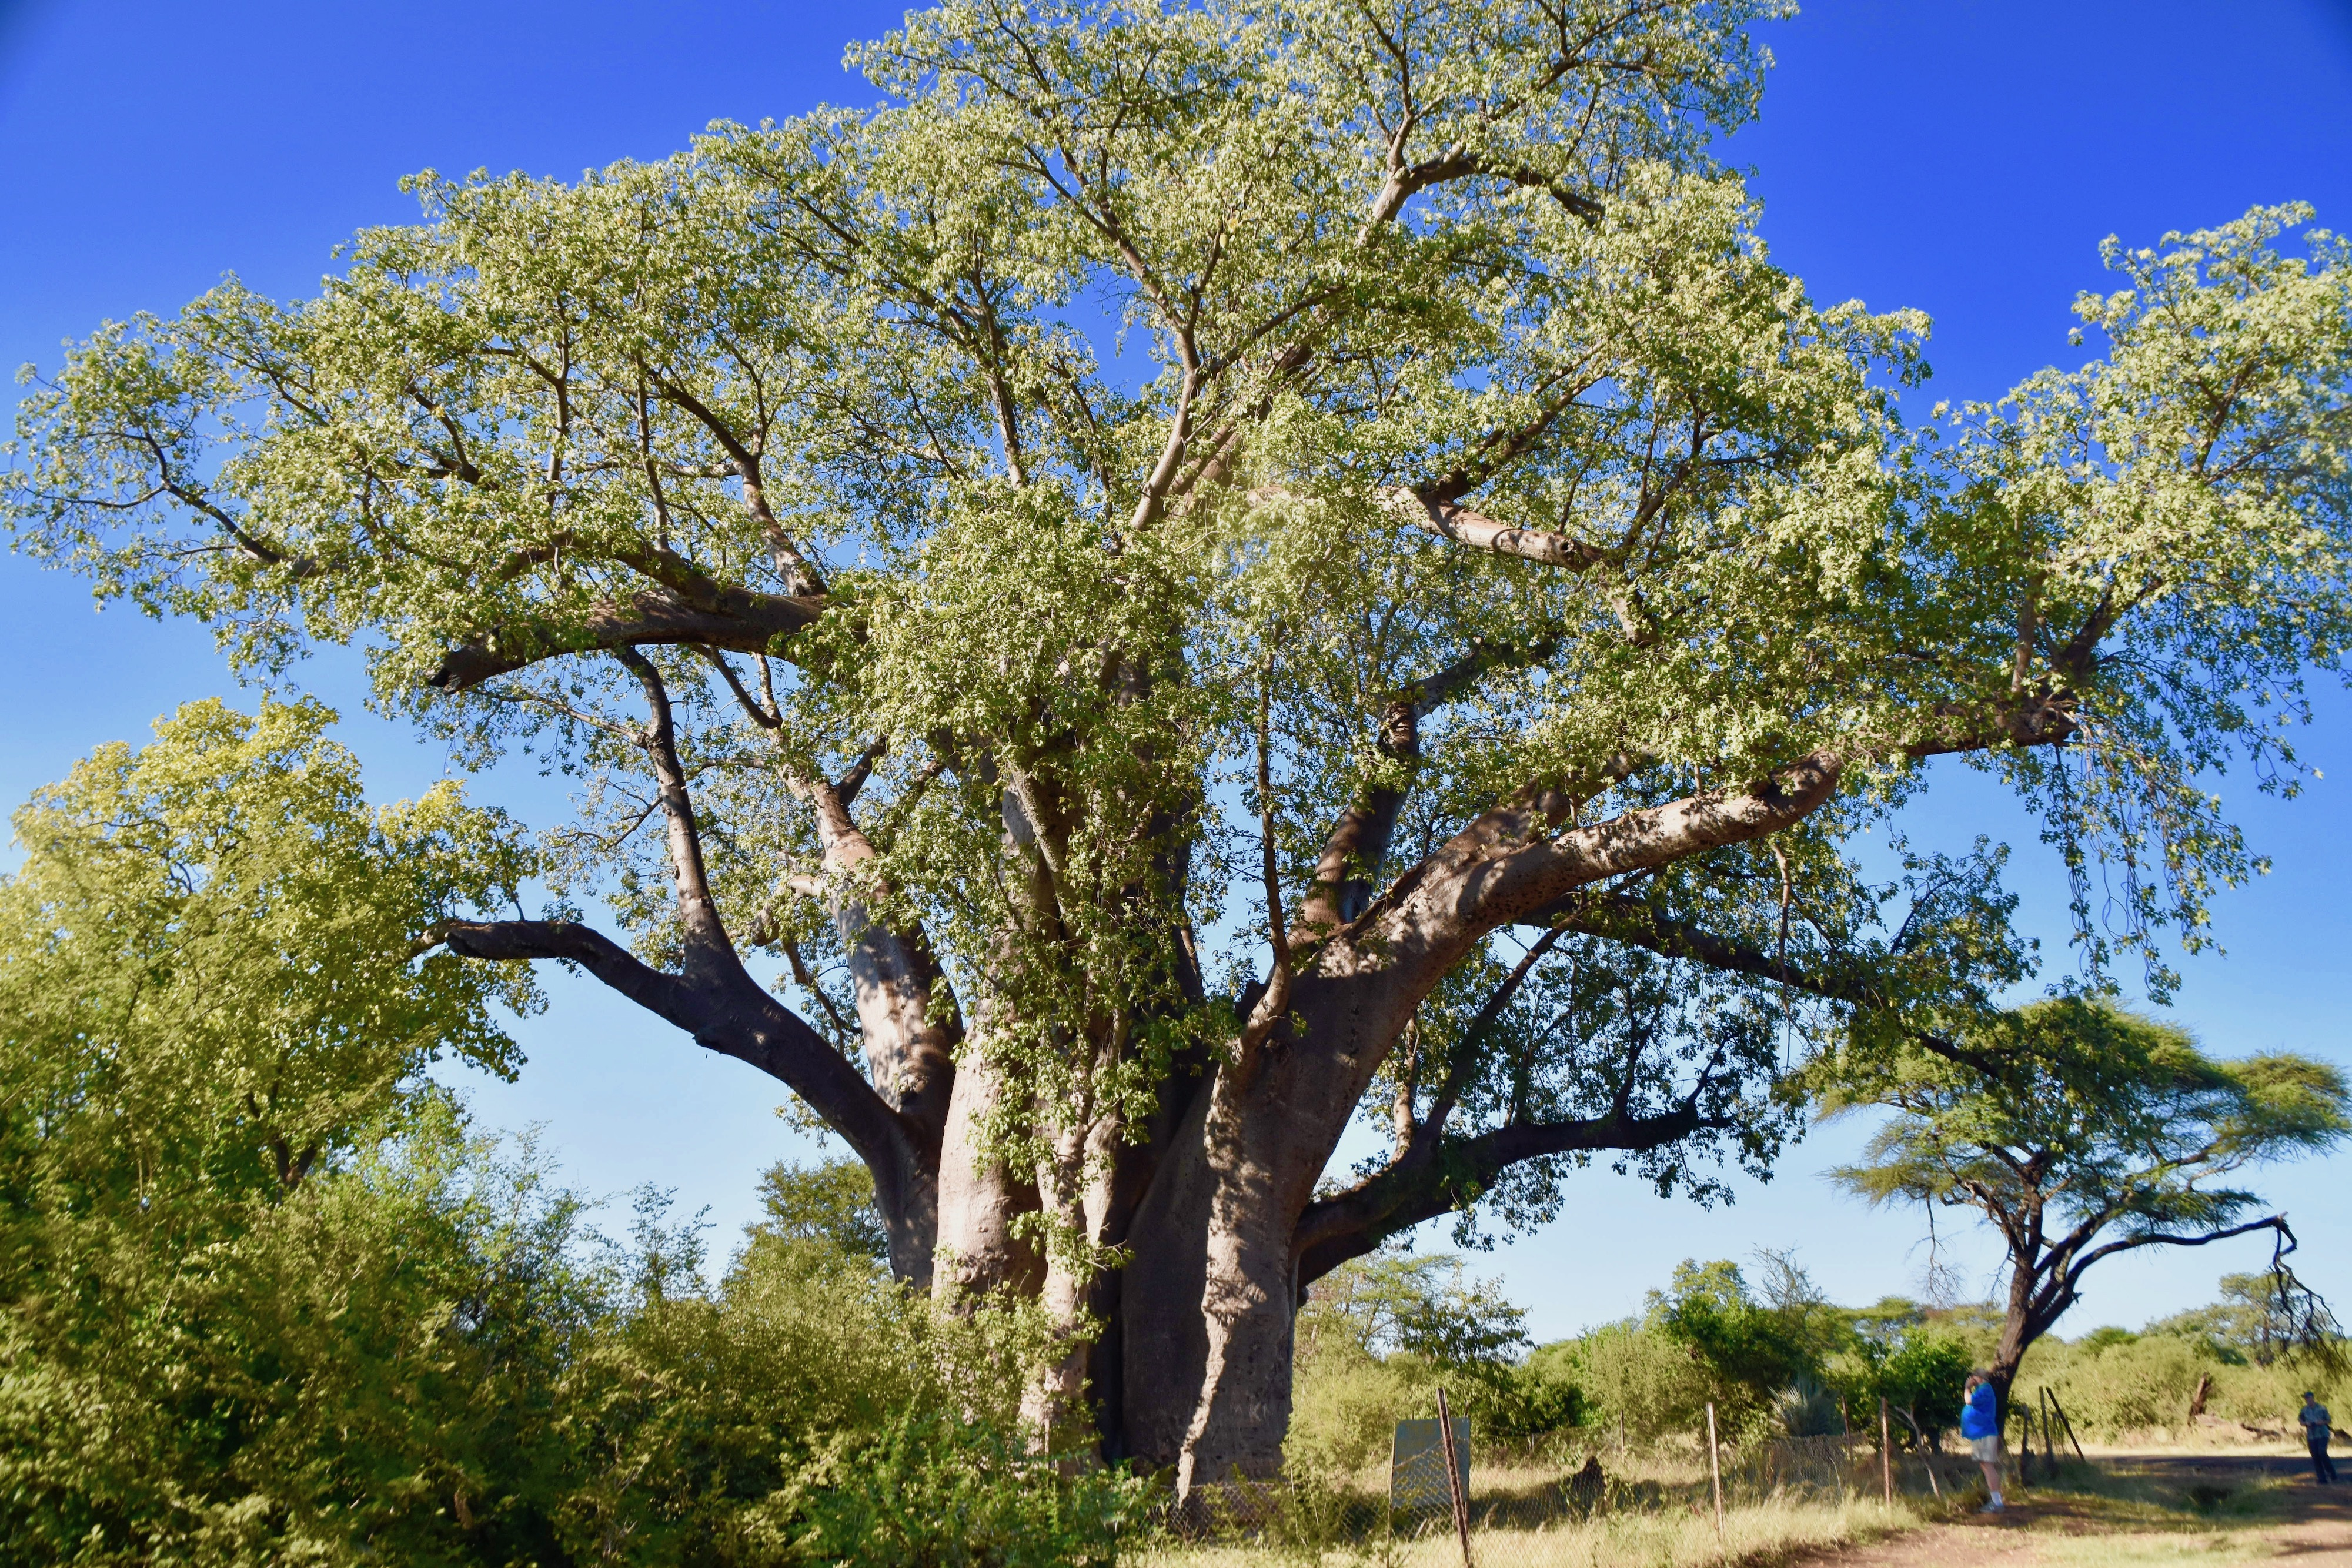 1200 Year Old Baobab